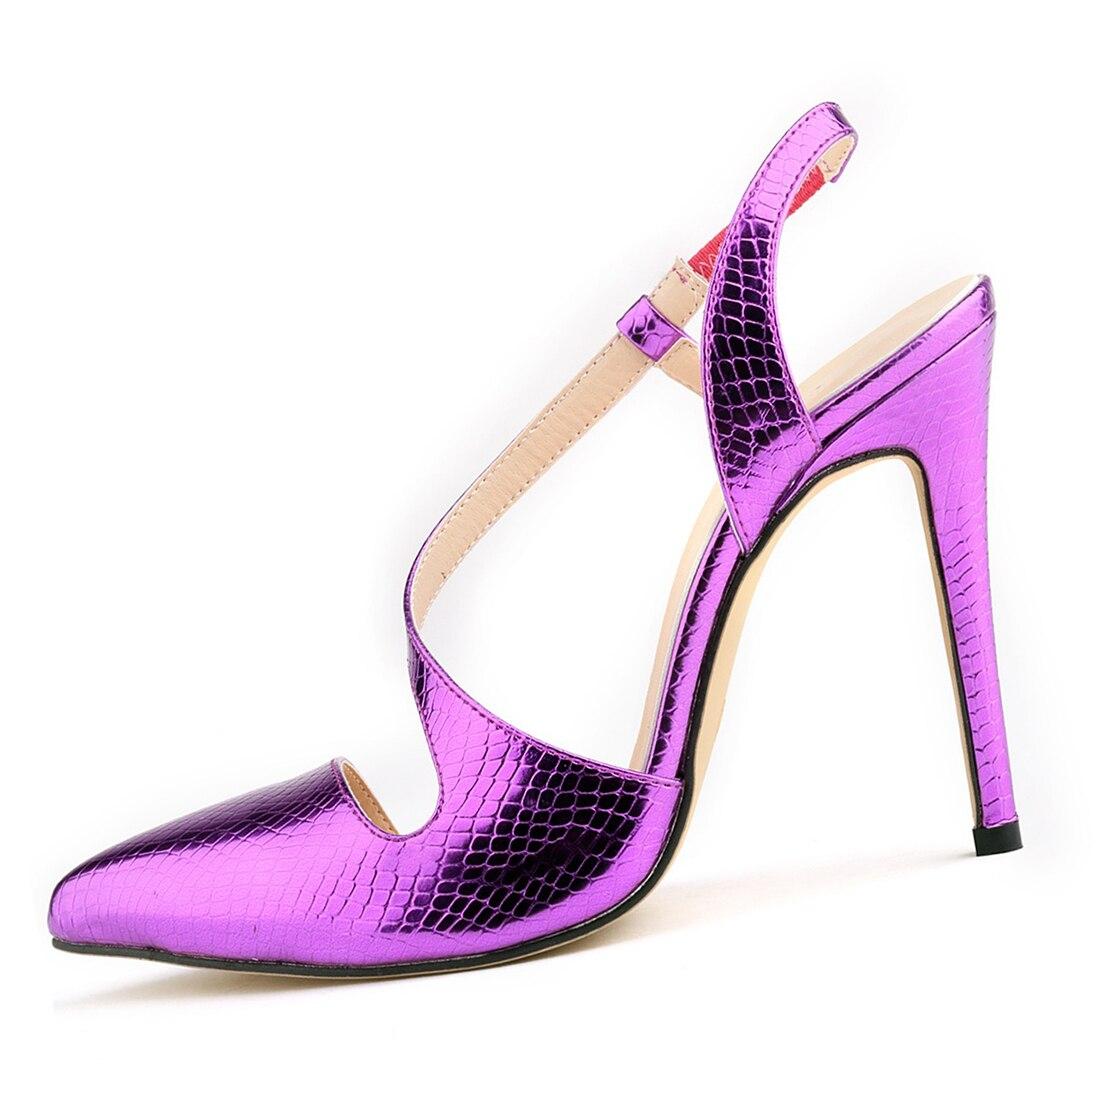 Для женщин крокодиловой кожи насосы лето-весна острый носок и высокий каблук пикантные кожаные туфли Женские Босоножки Туфли-лодочки